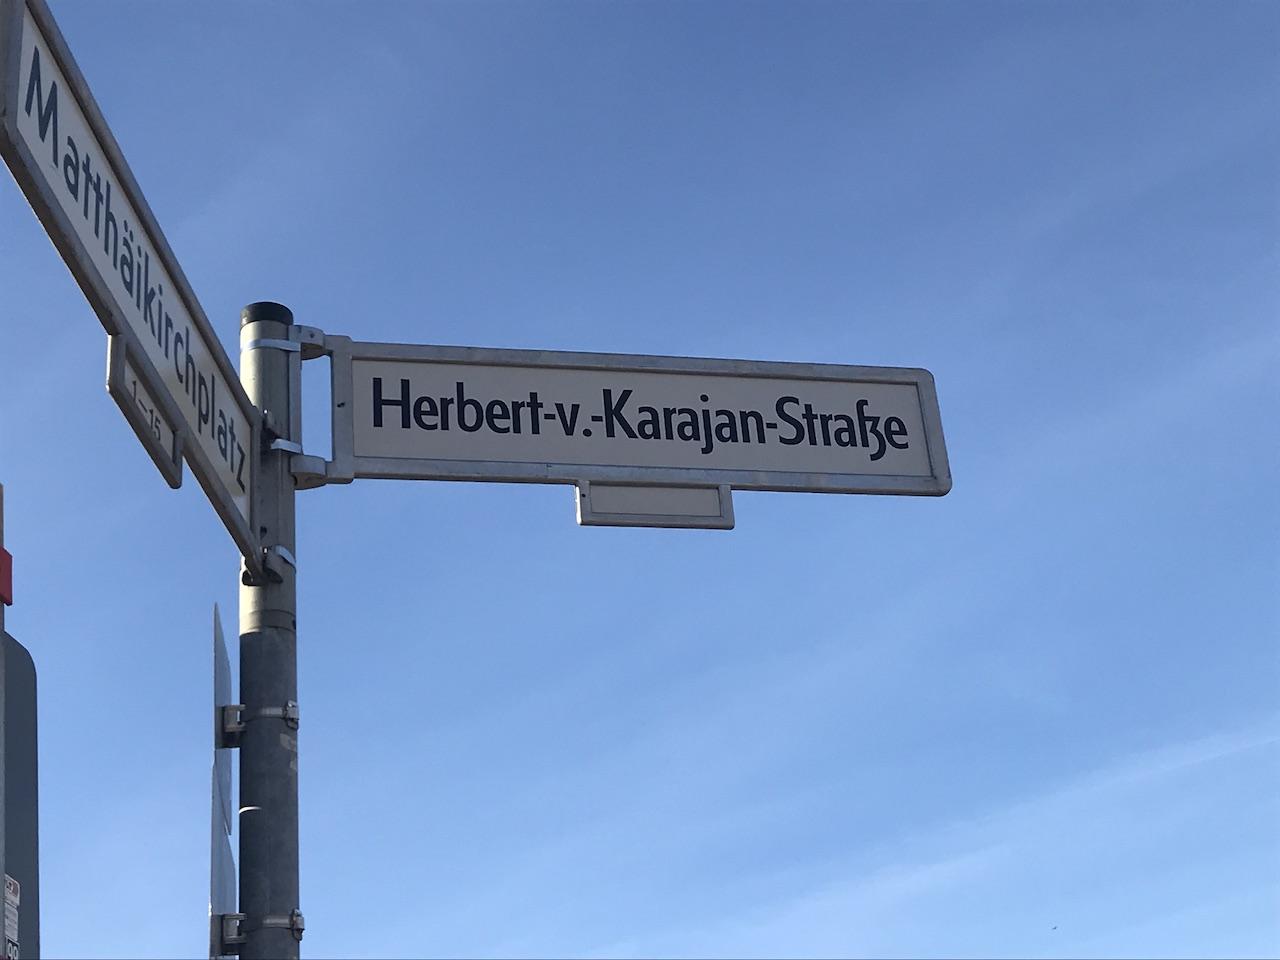 An der Philharmonie in Berlin liegt die Herbert von Karajan Strasse, Foto von Susanne Haun (c) VG Bild-Kunst, Bonn 2019